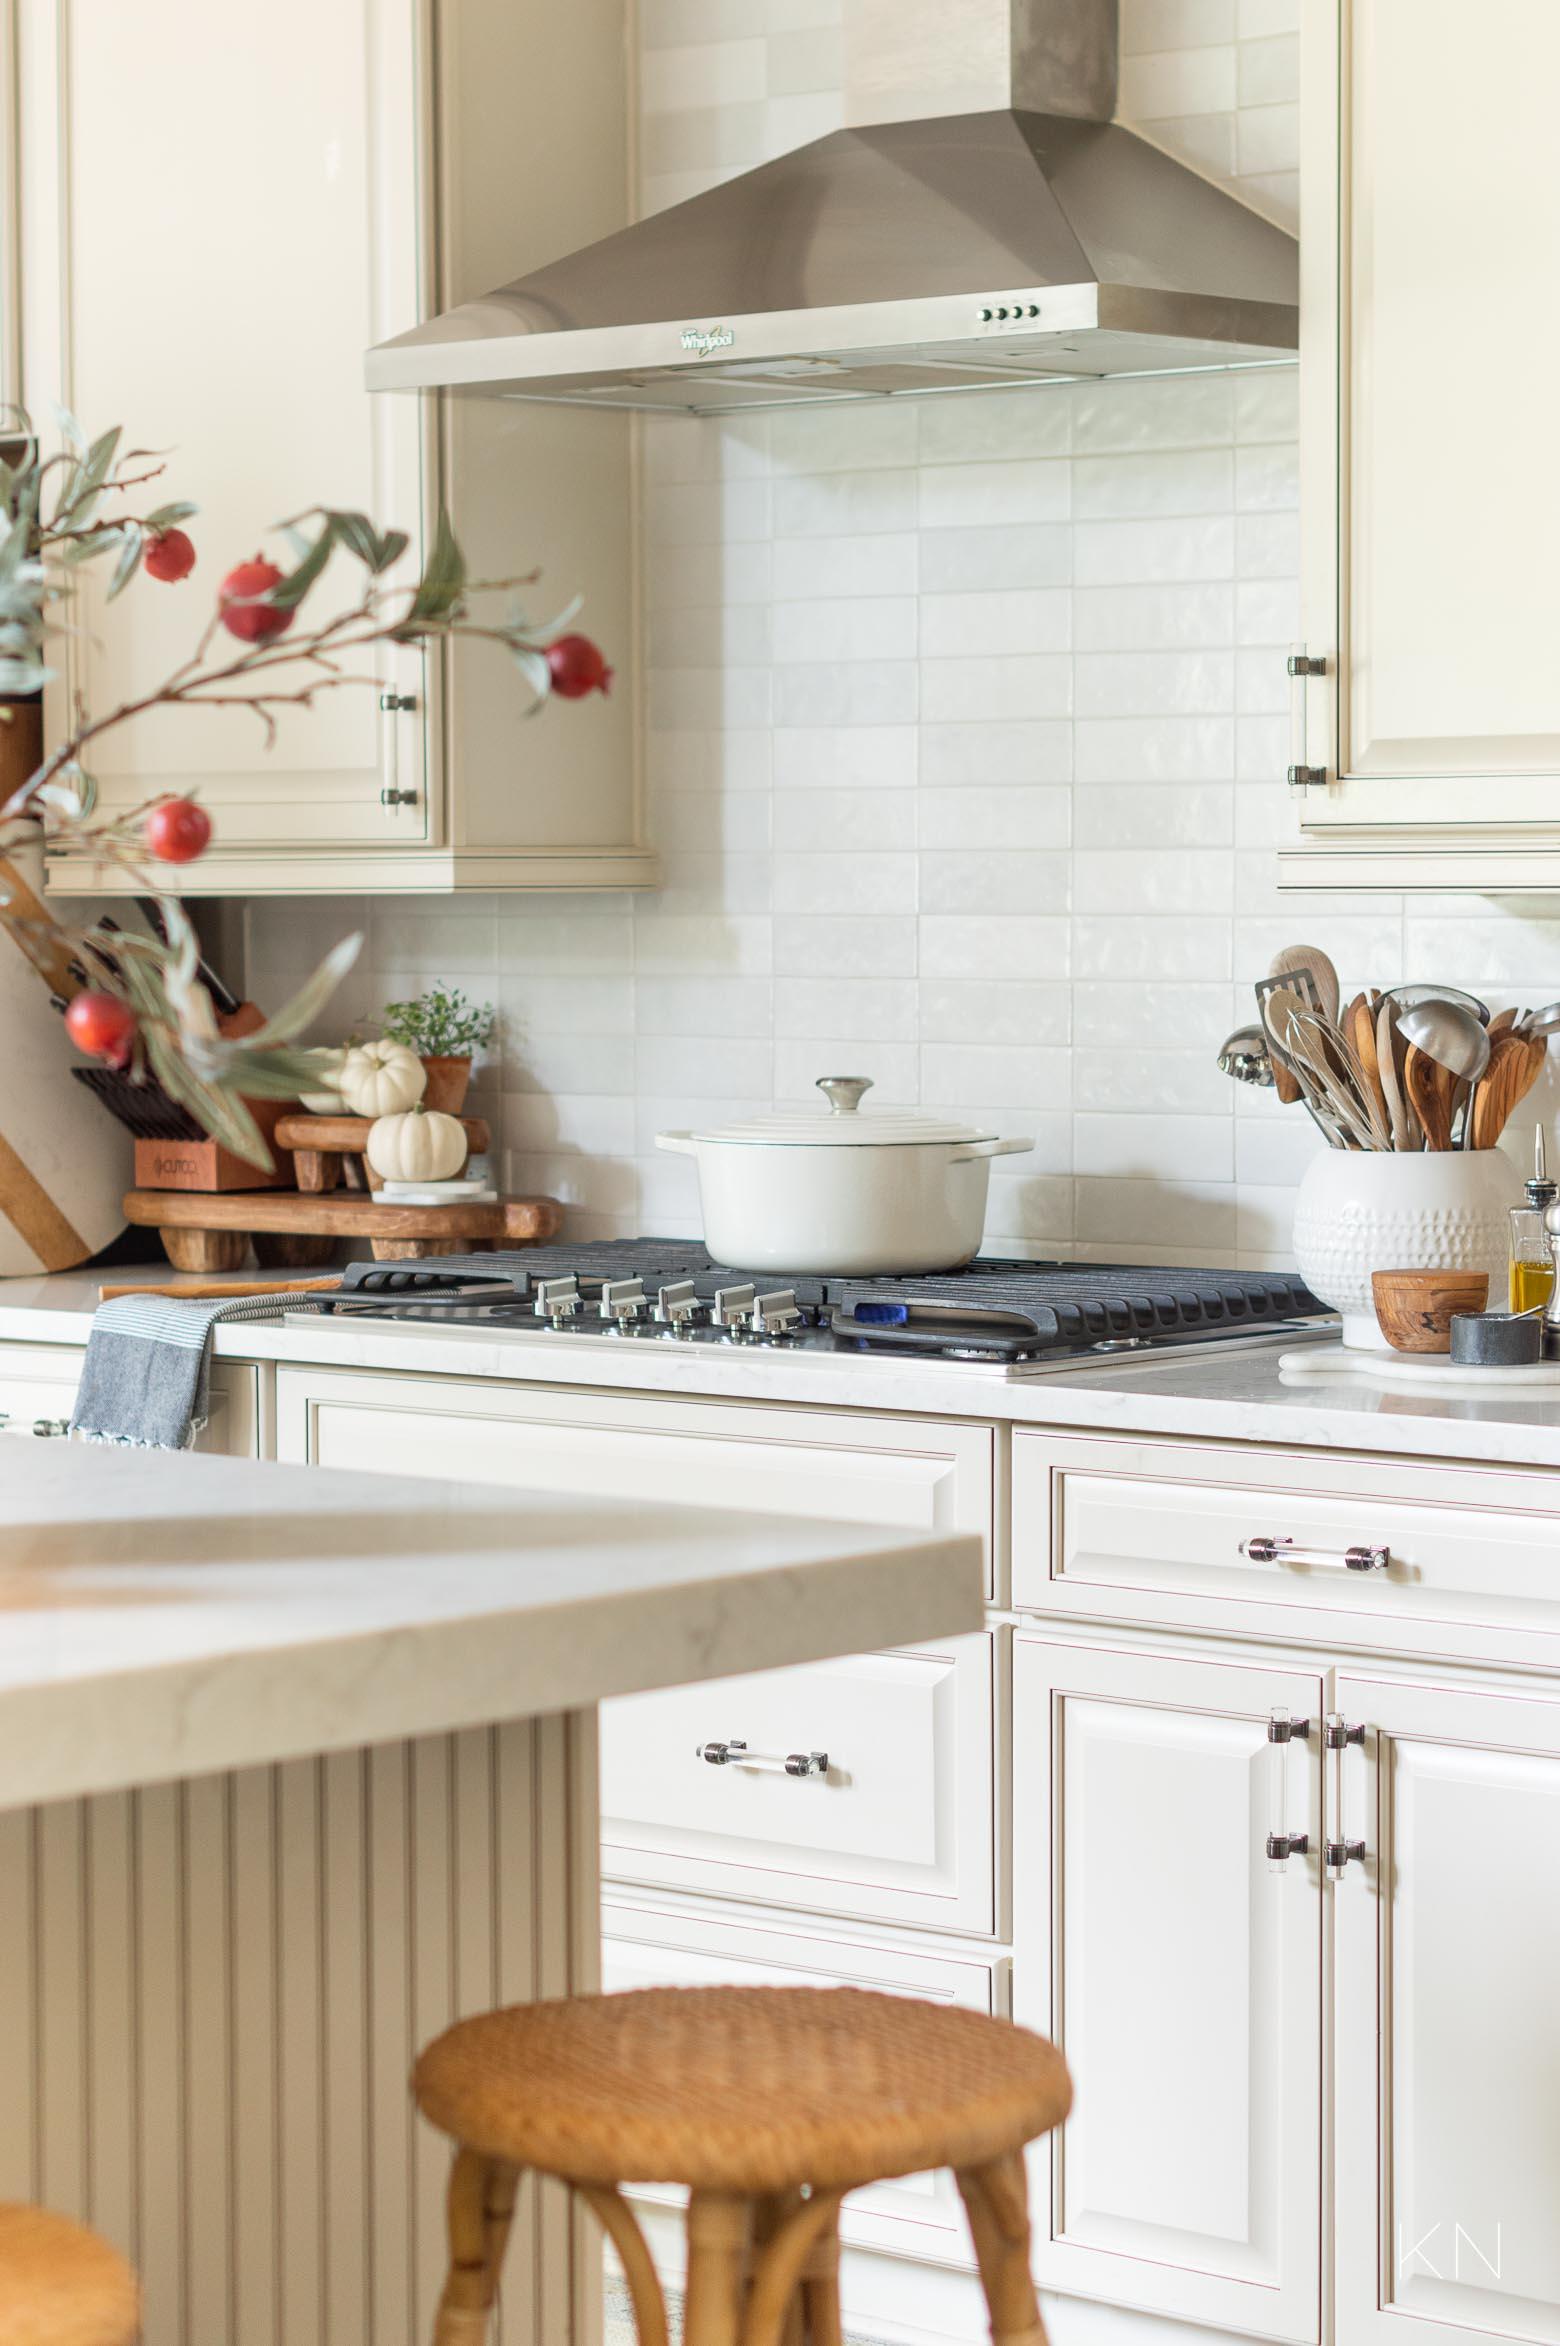 Cream and White Fall Kitchen Decor